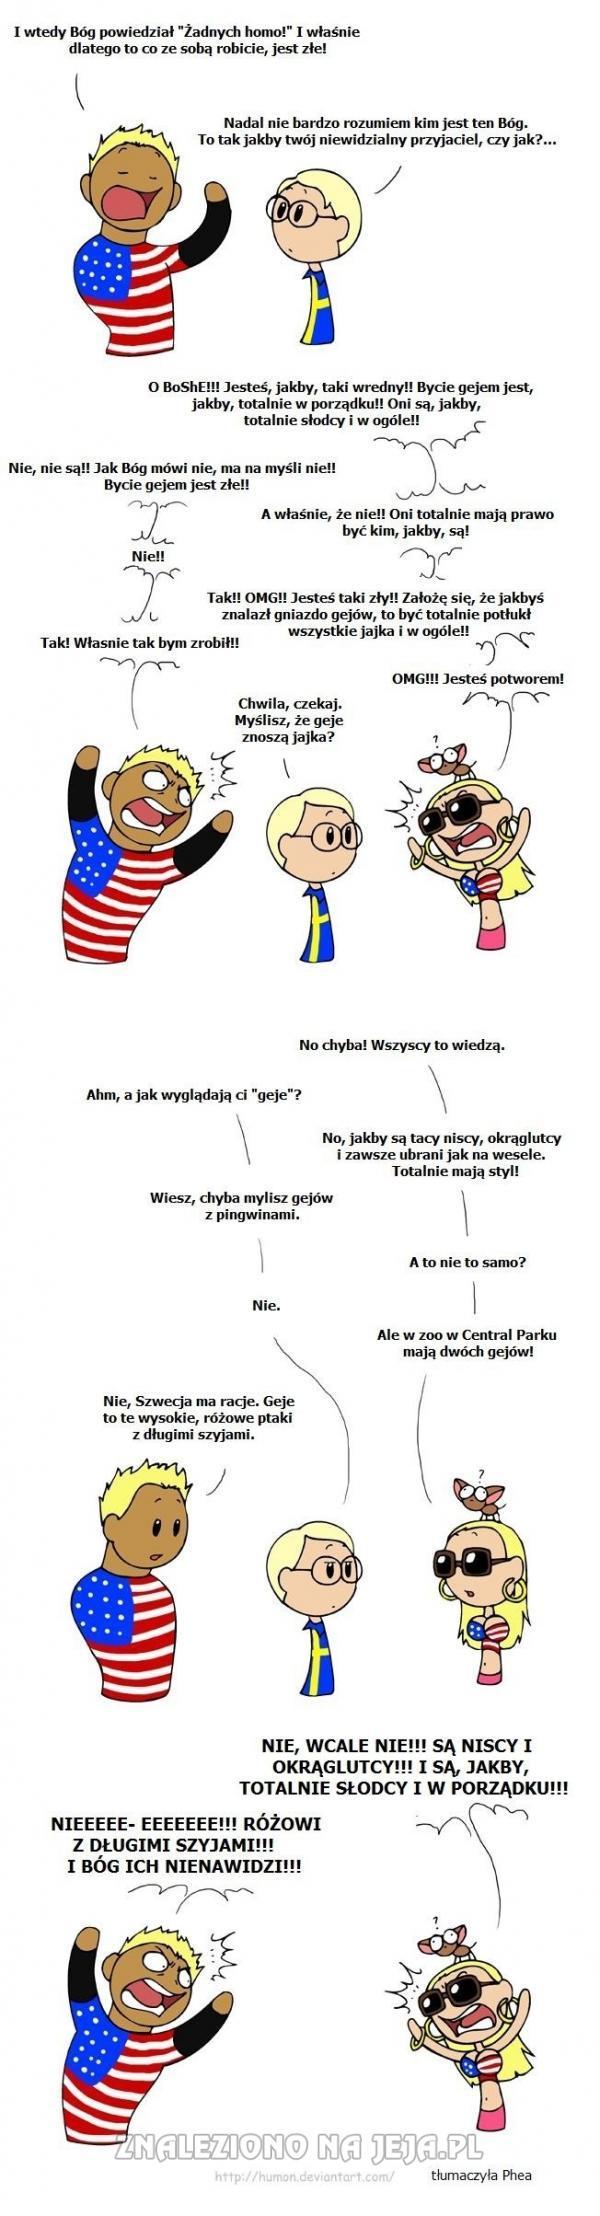 Ameryka homofob